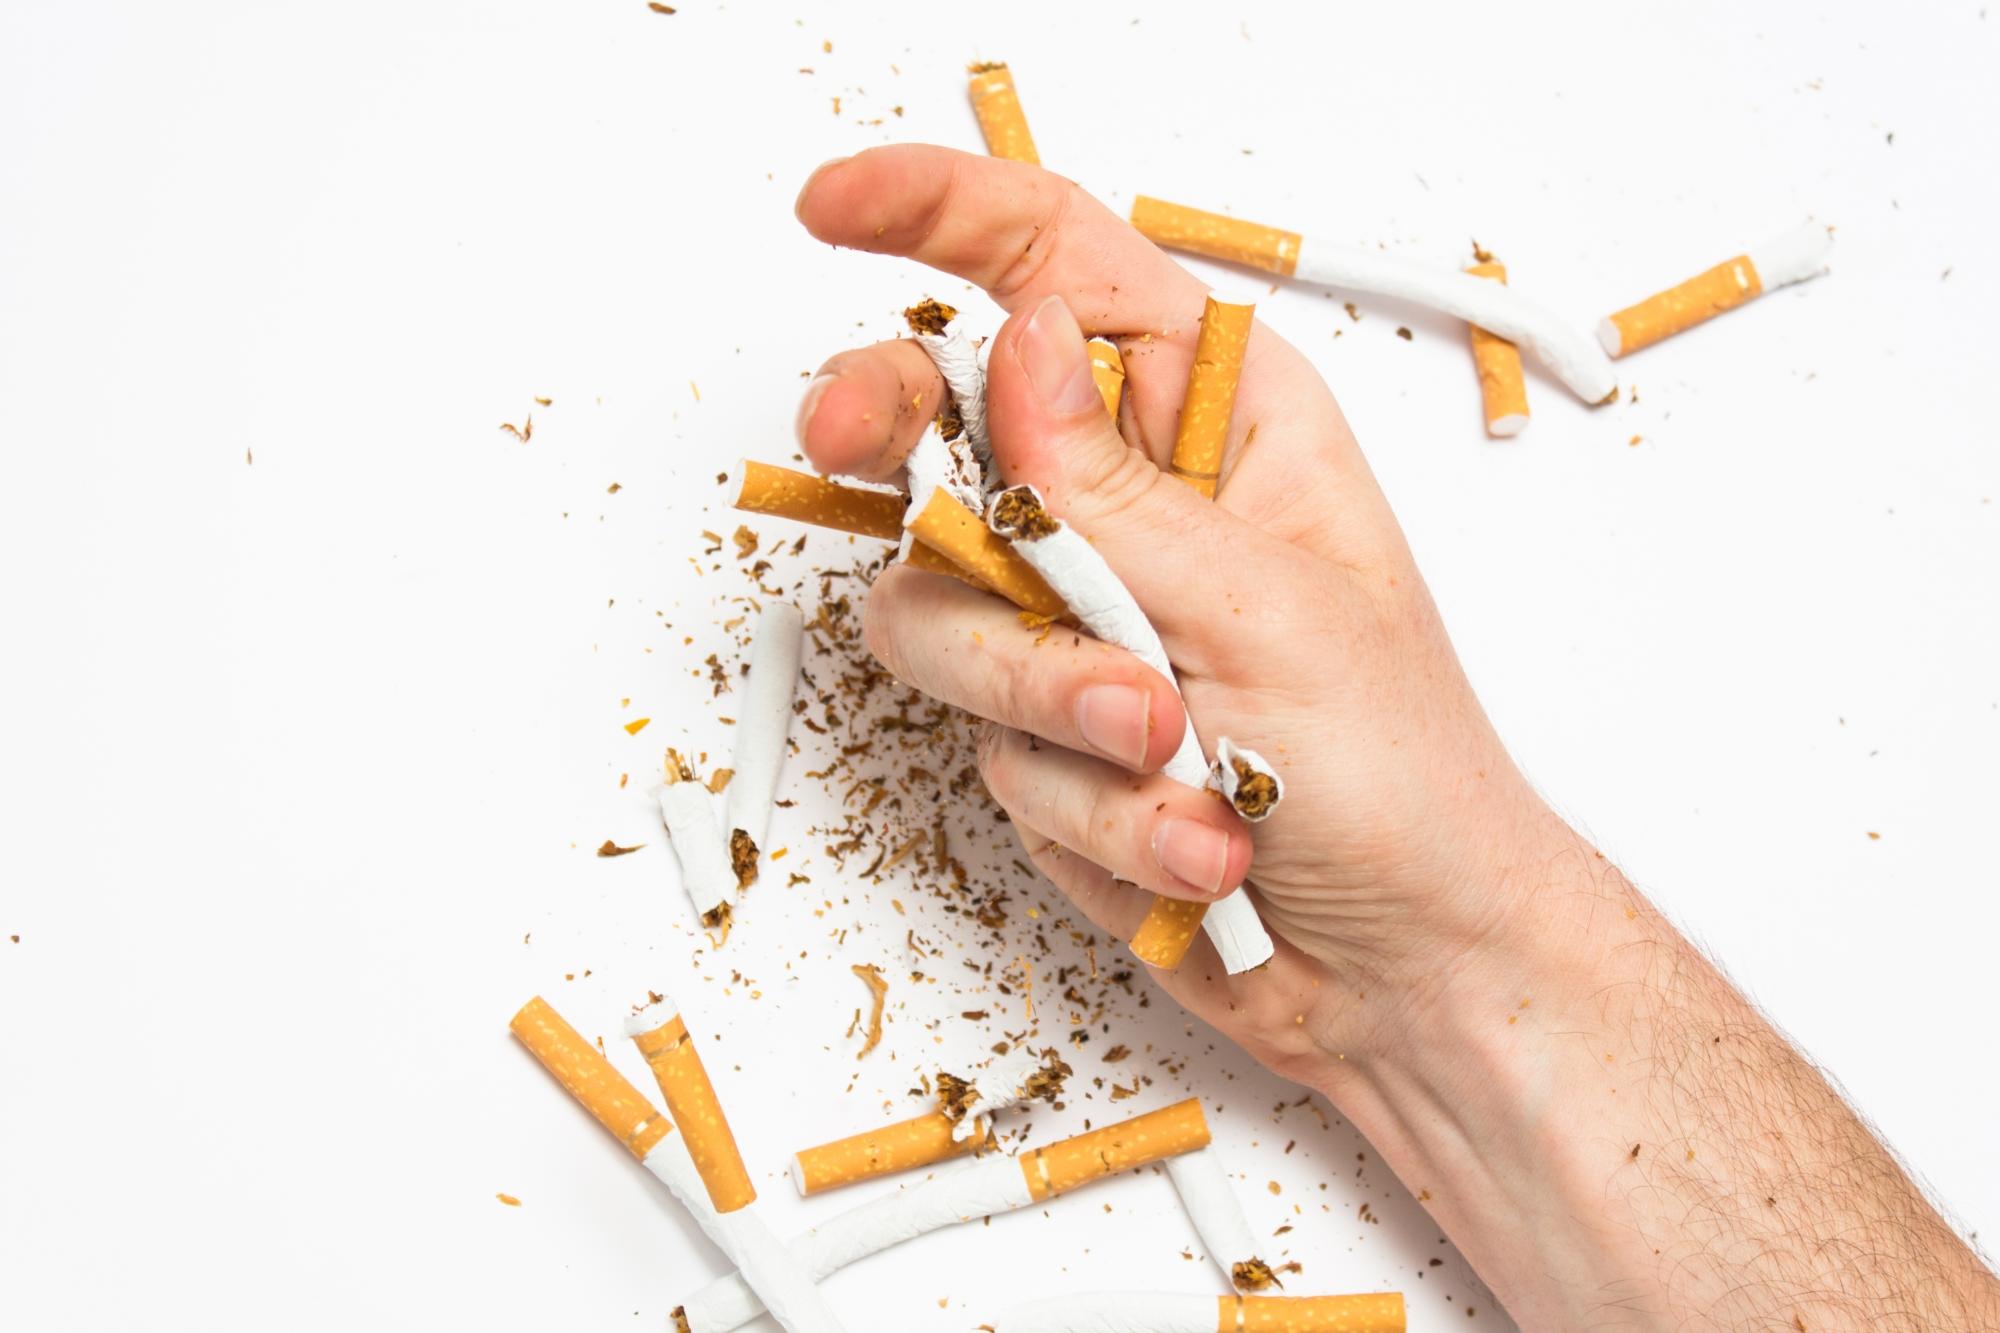 هل أنت مستعد للإقلاع عن التدخين؟ 9 استراتيجيات تساعدك على ذلك-3